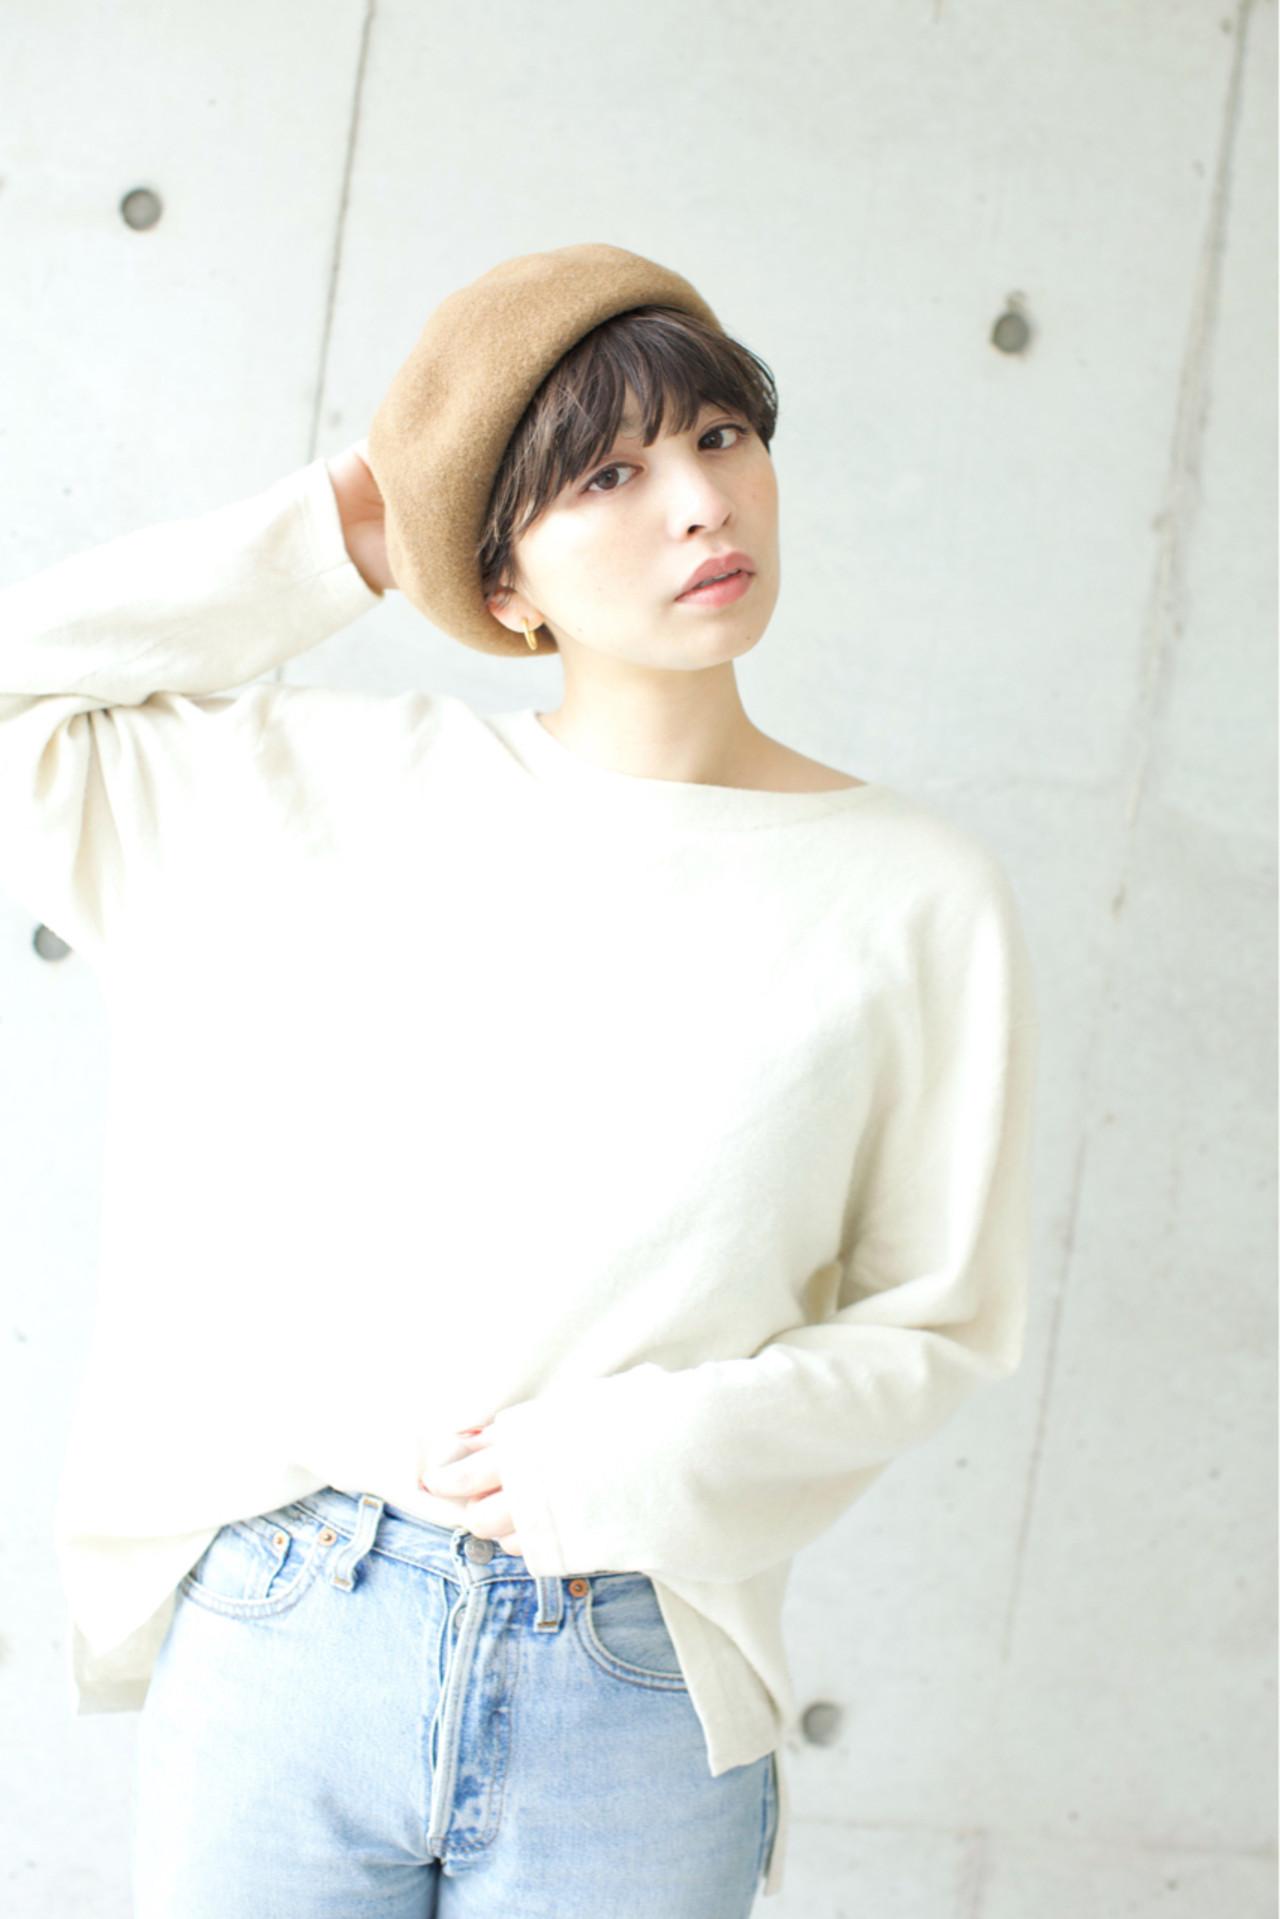 アッシュ ゆるふわ 小顔 外国人風カラー ヘアスタイルや髪型の写真・画像 | 佐脇 正徳 / LOAVE AOYAMA(ローヴ アオヤマ)